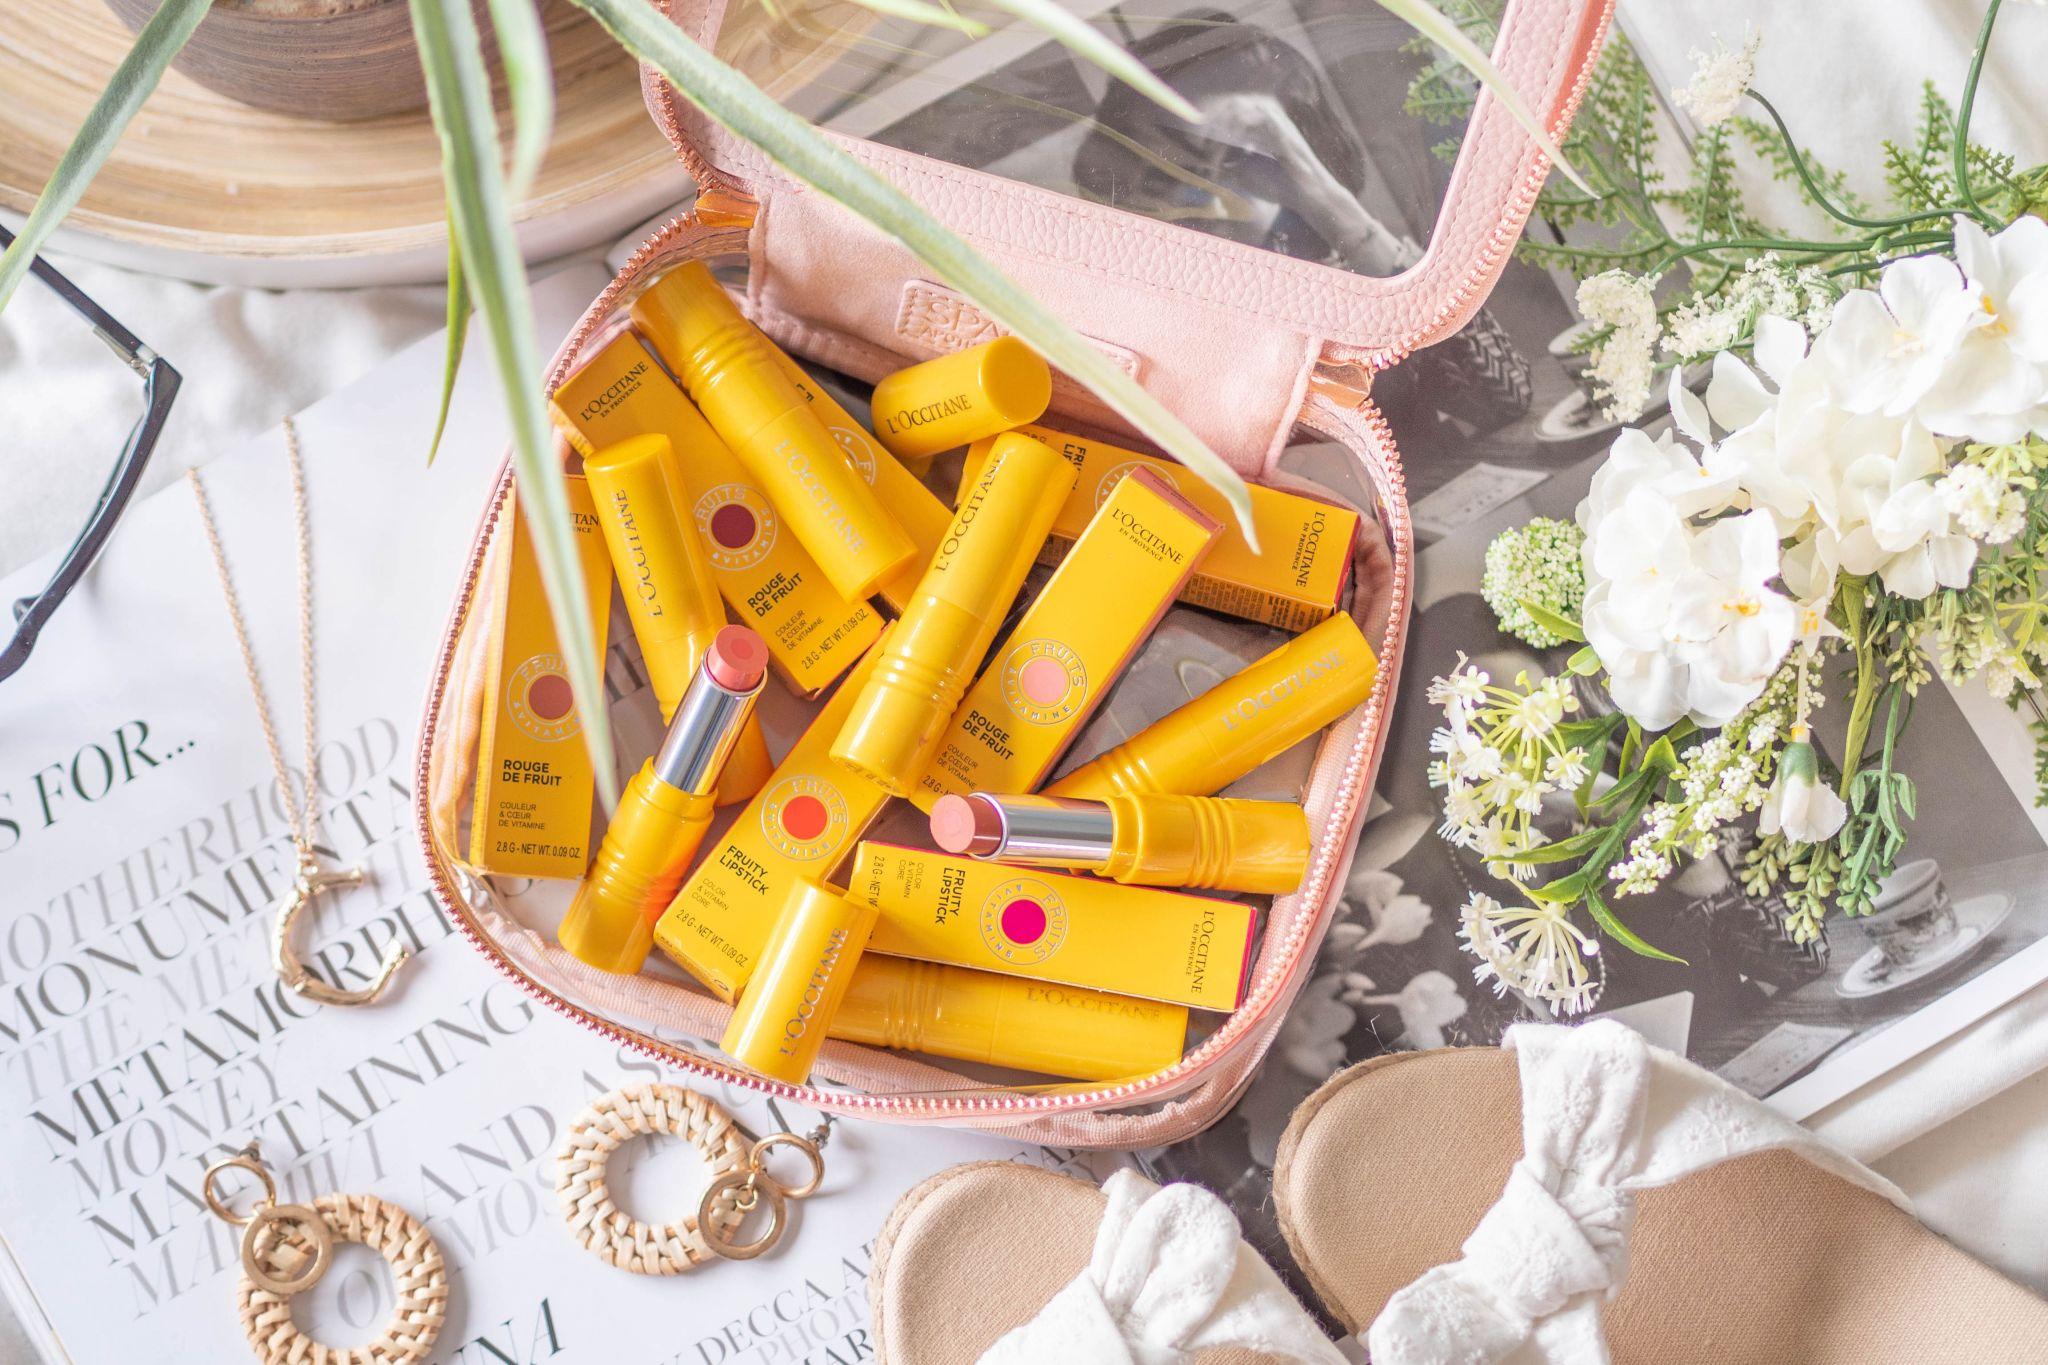 L'Occitane lipstick review